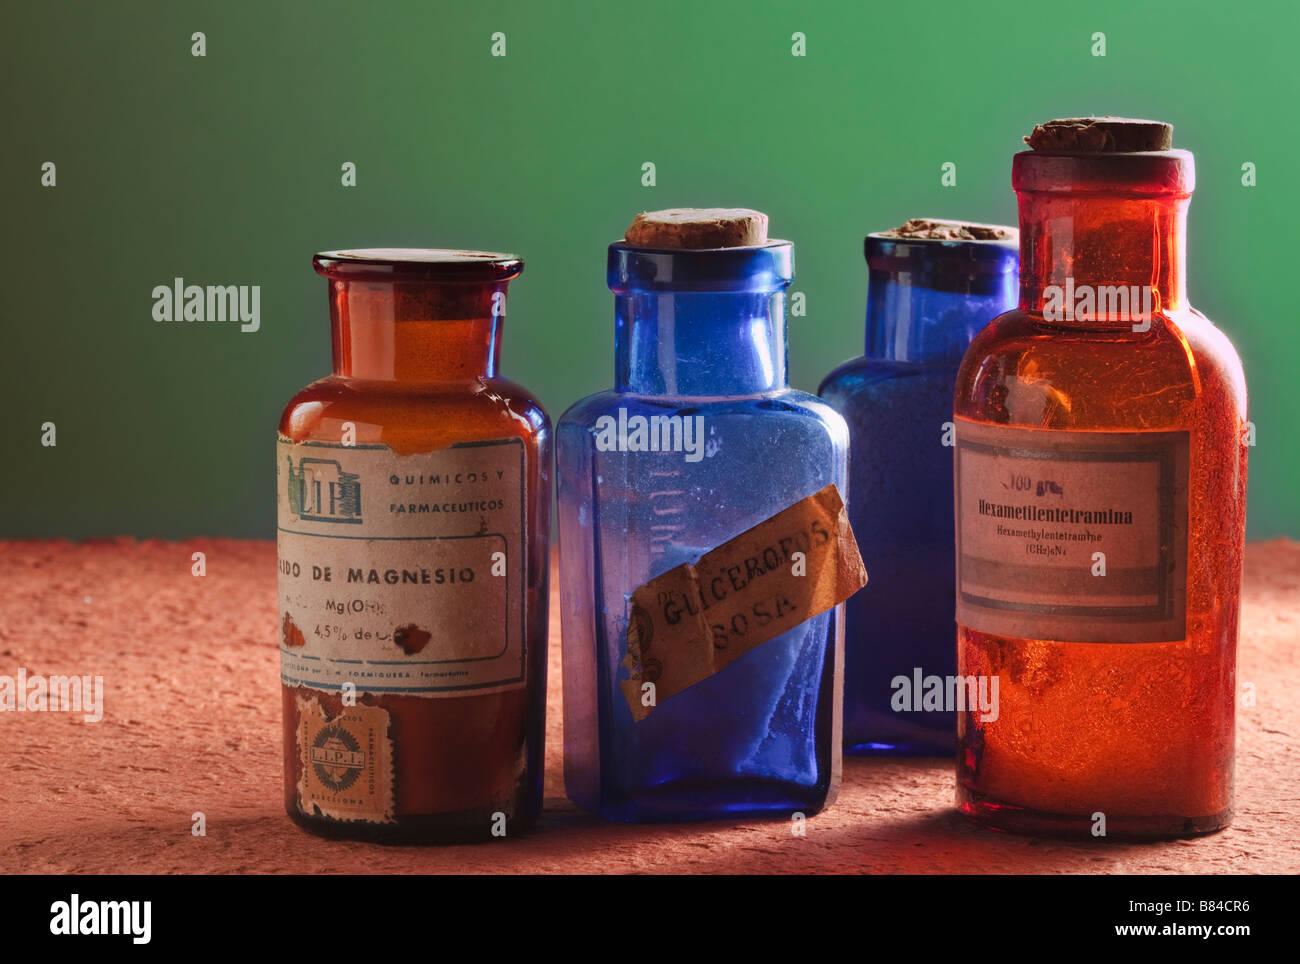 Quatre vieux flacons pharmaceutiques avec des étiquettes en langue espagnole Photo Stock